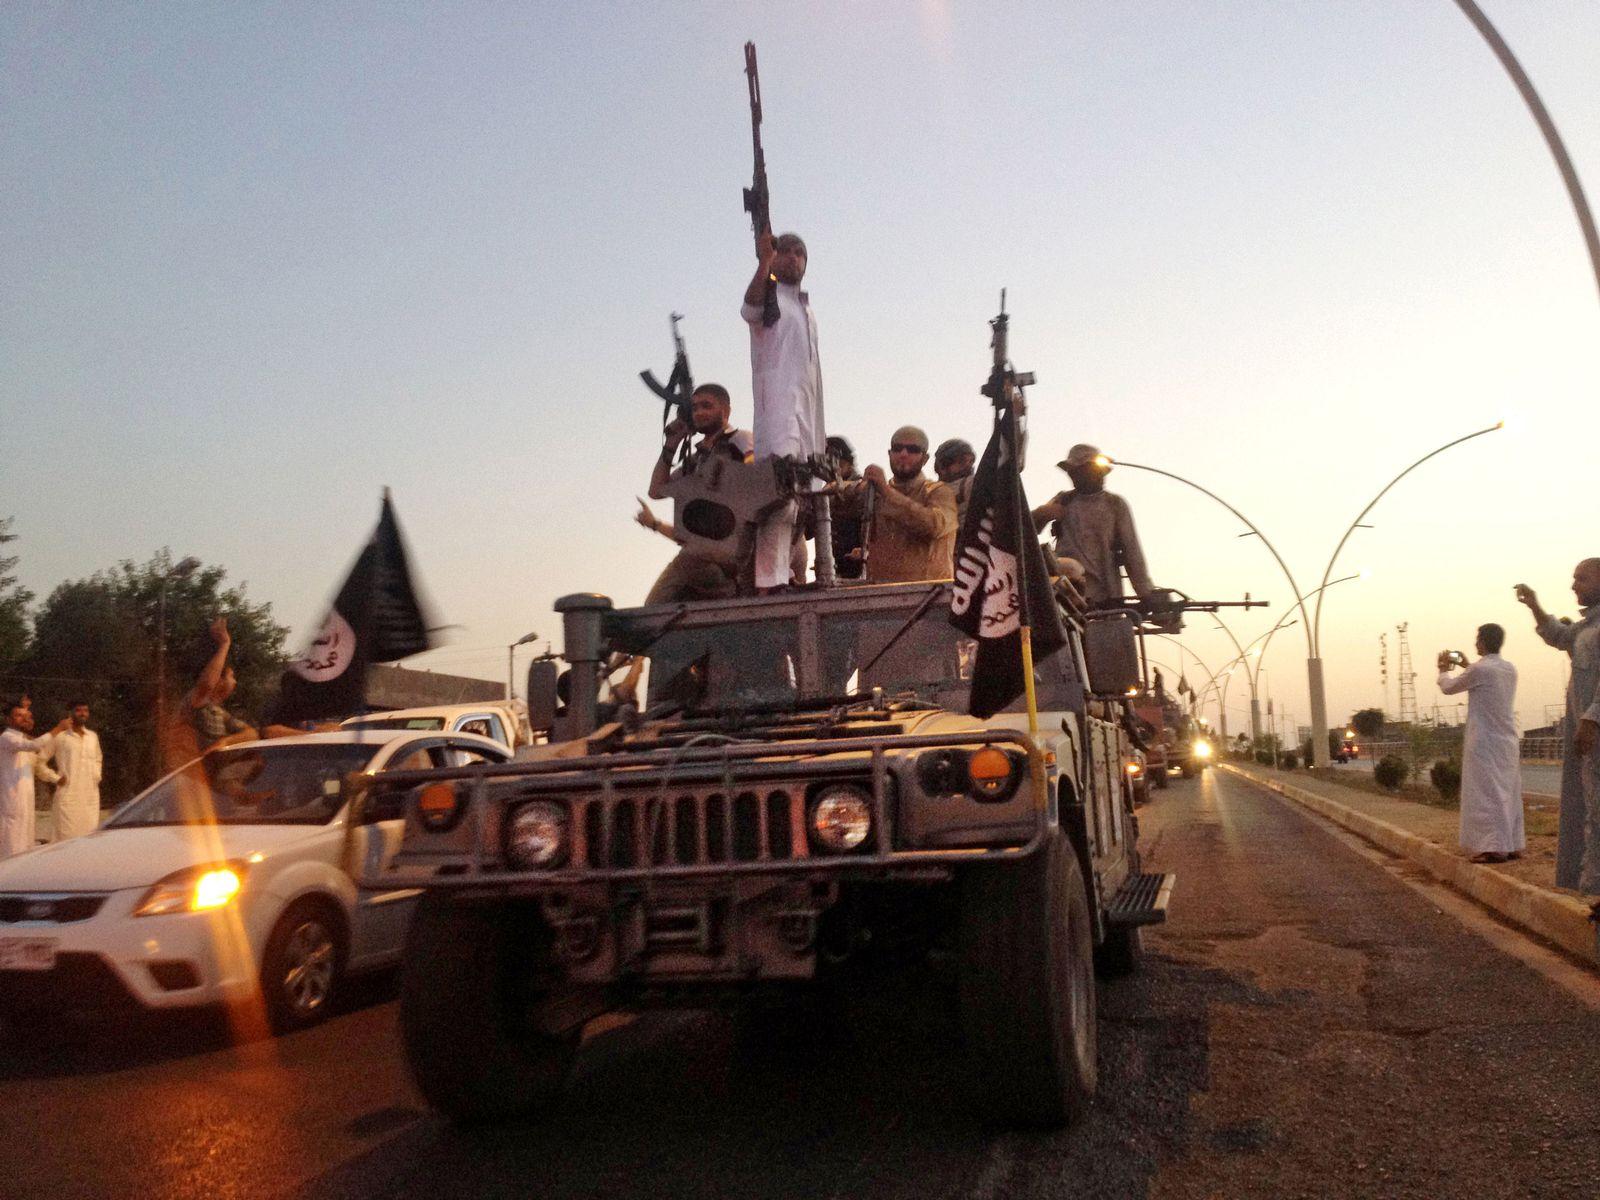 islamischer staat auto